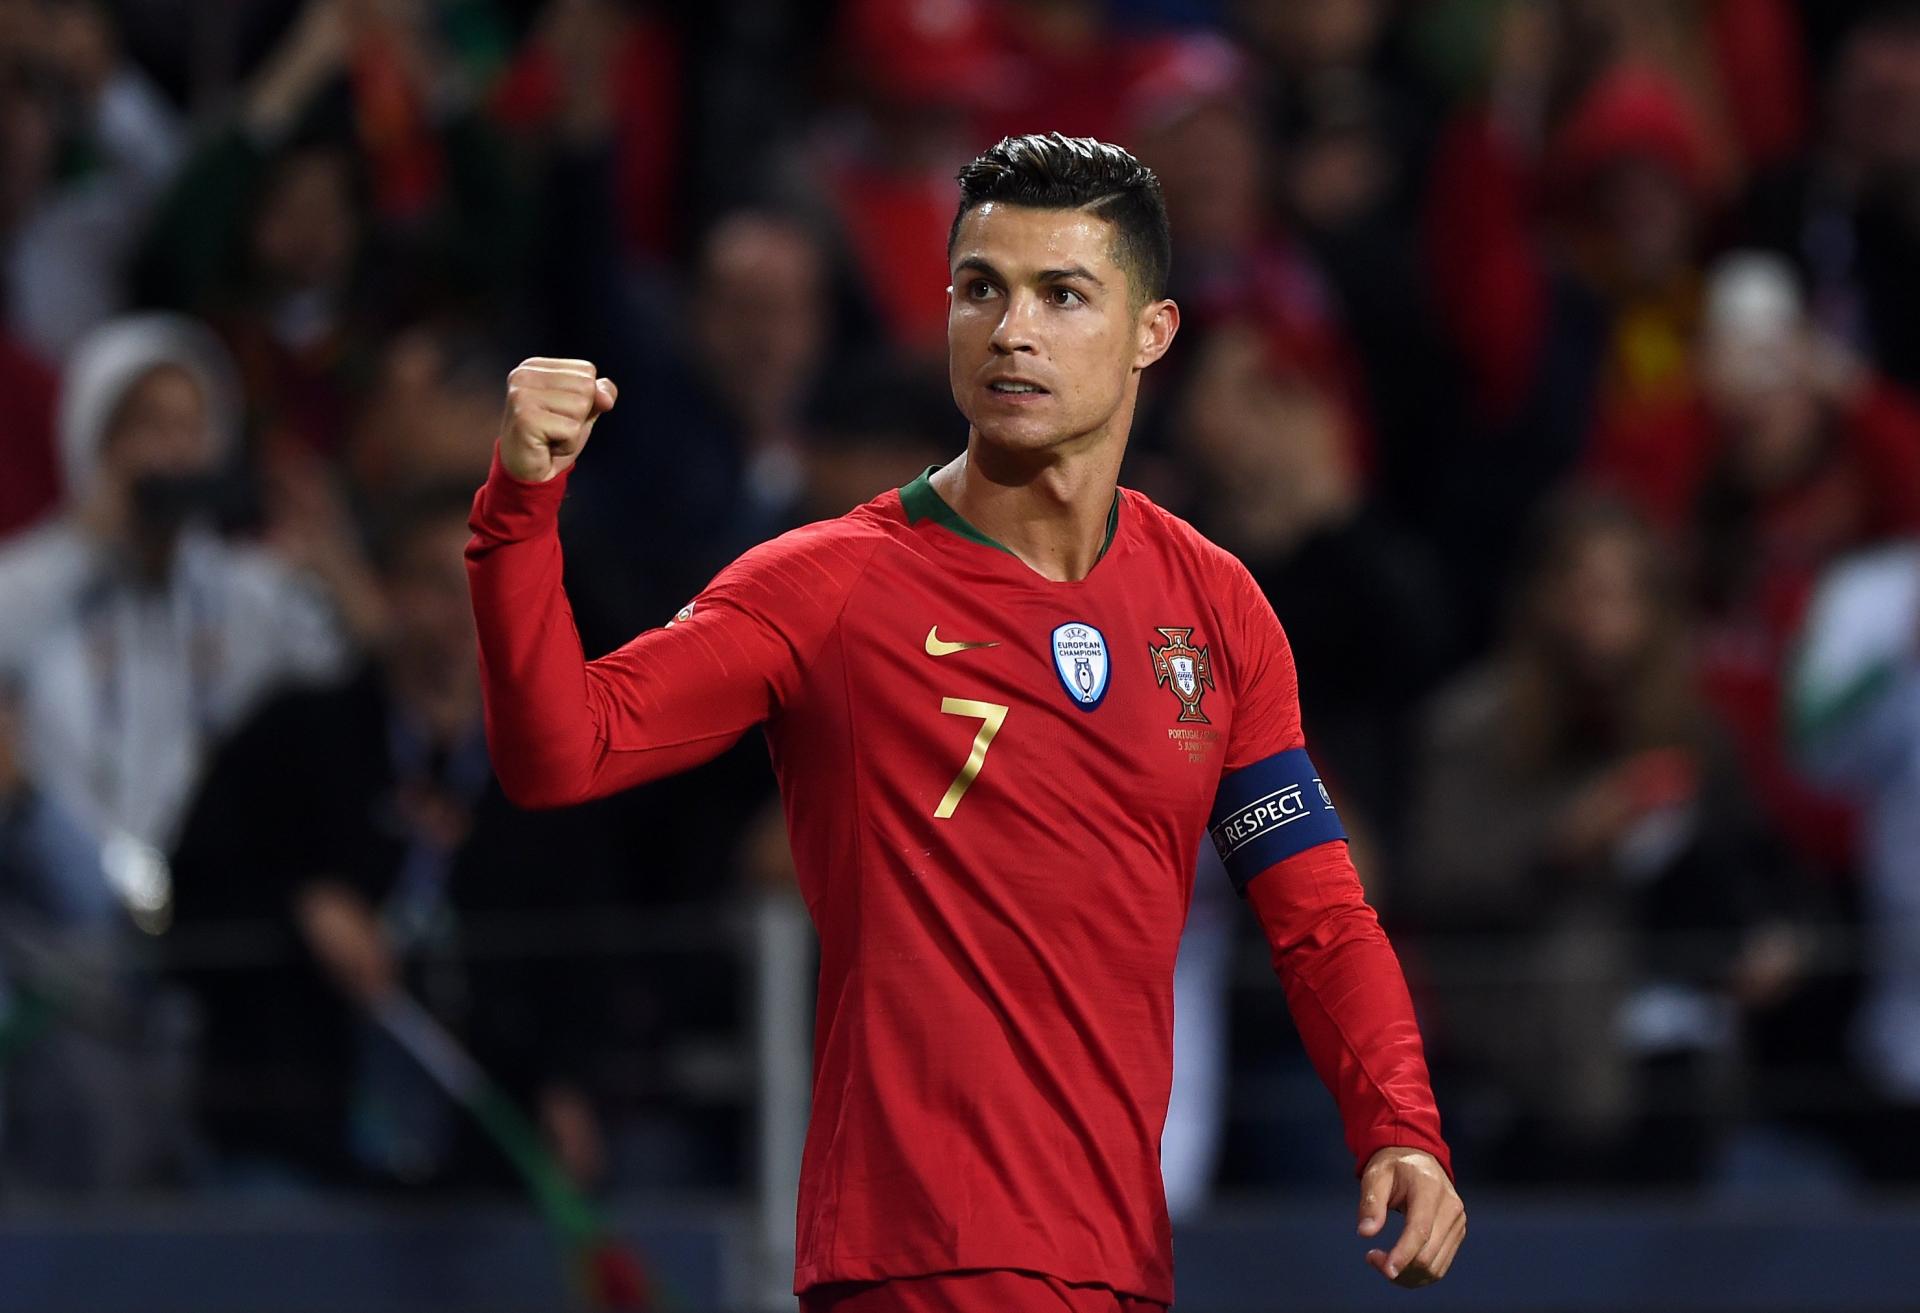 Đội hình tiêu biểu Euro 2020 của UEFA gây bất ngờ khi không có tên Ronaldo